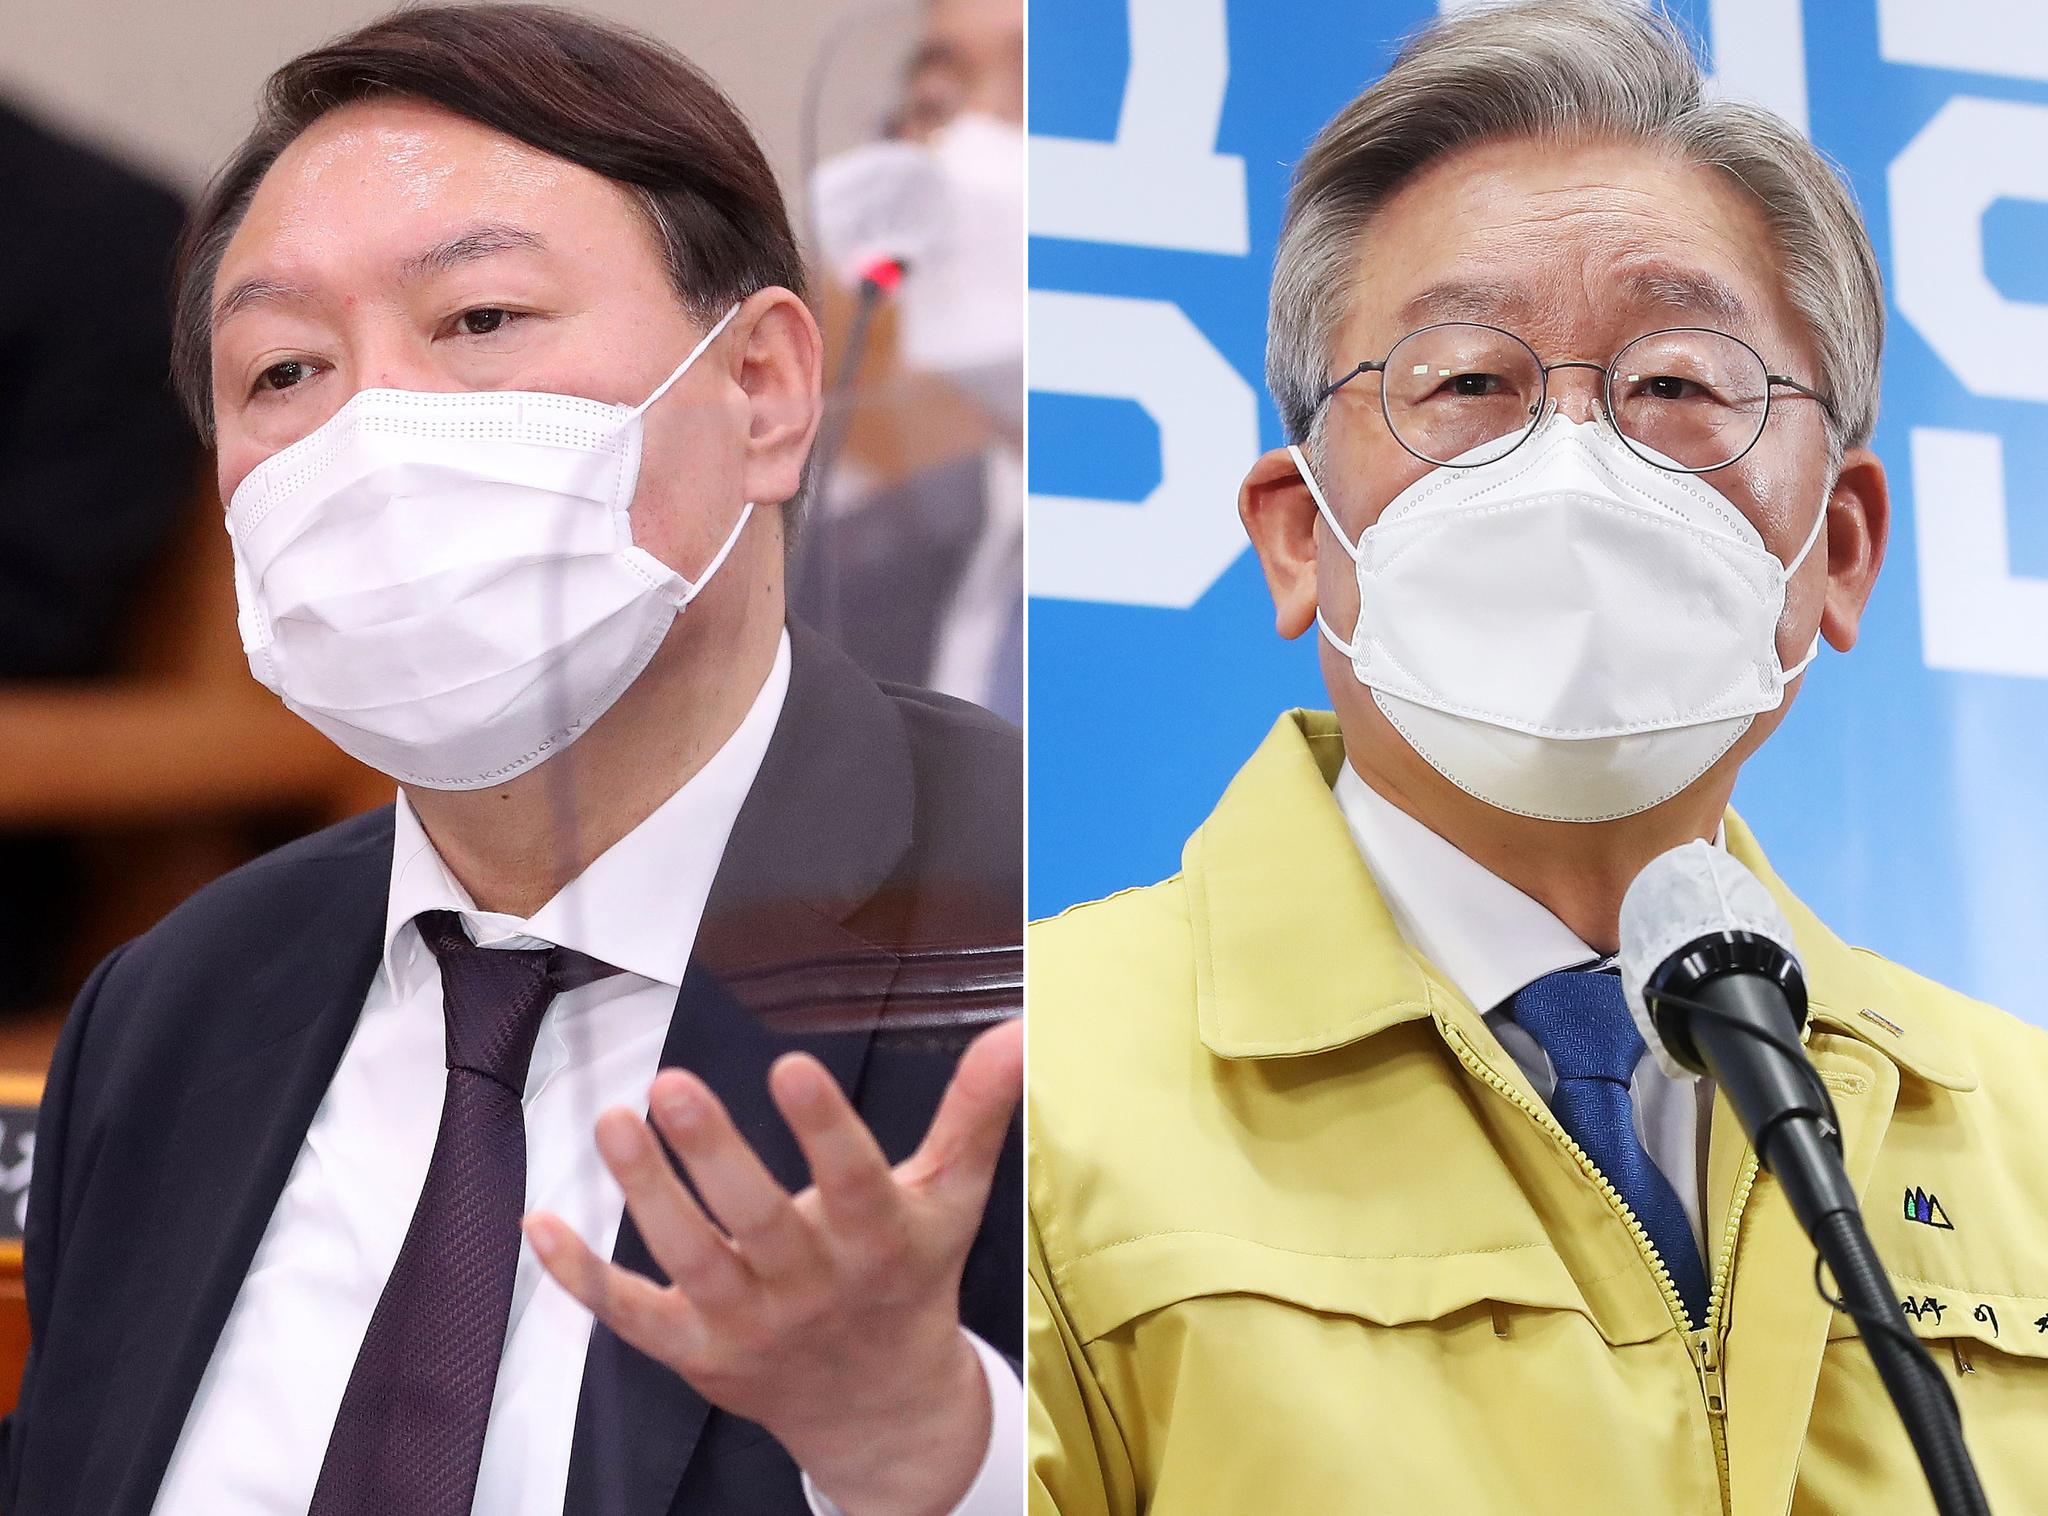 윤석열 전 검찰종장(왼쪽)과 이재명 경기도지사. 중앙포토, 연합뉴스